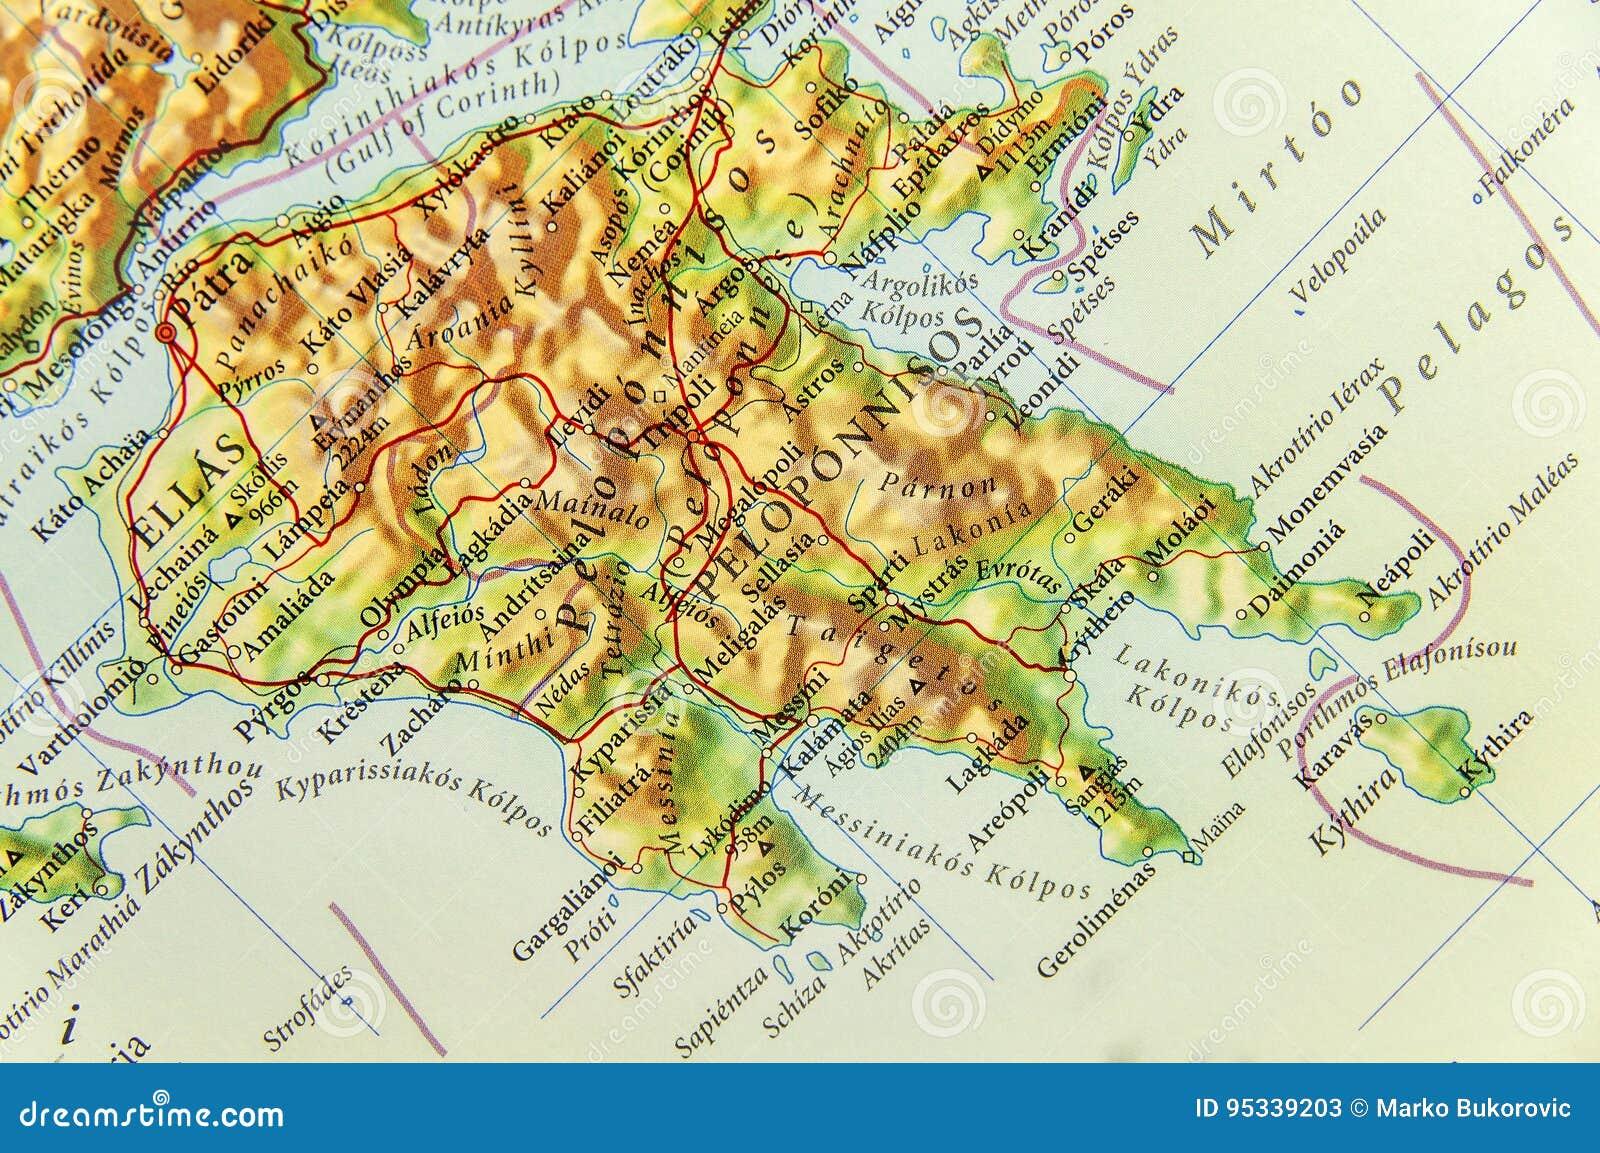 Griechenland Peloponnes Karte Deutsch.Geographische Karte Des Europäischen Landes Griechenland Mit